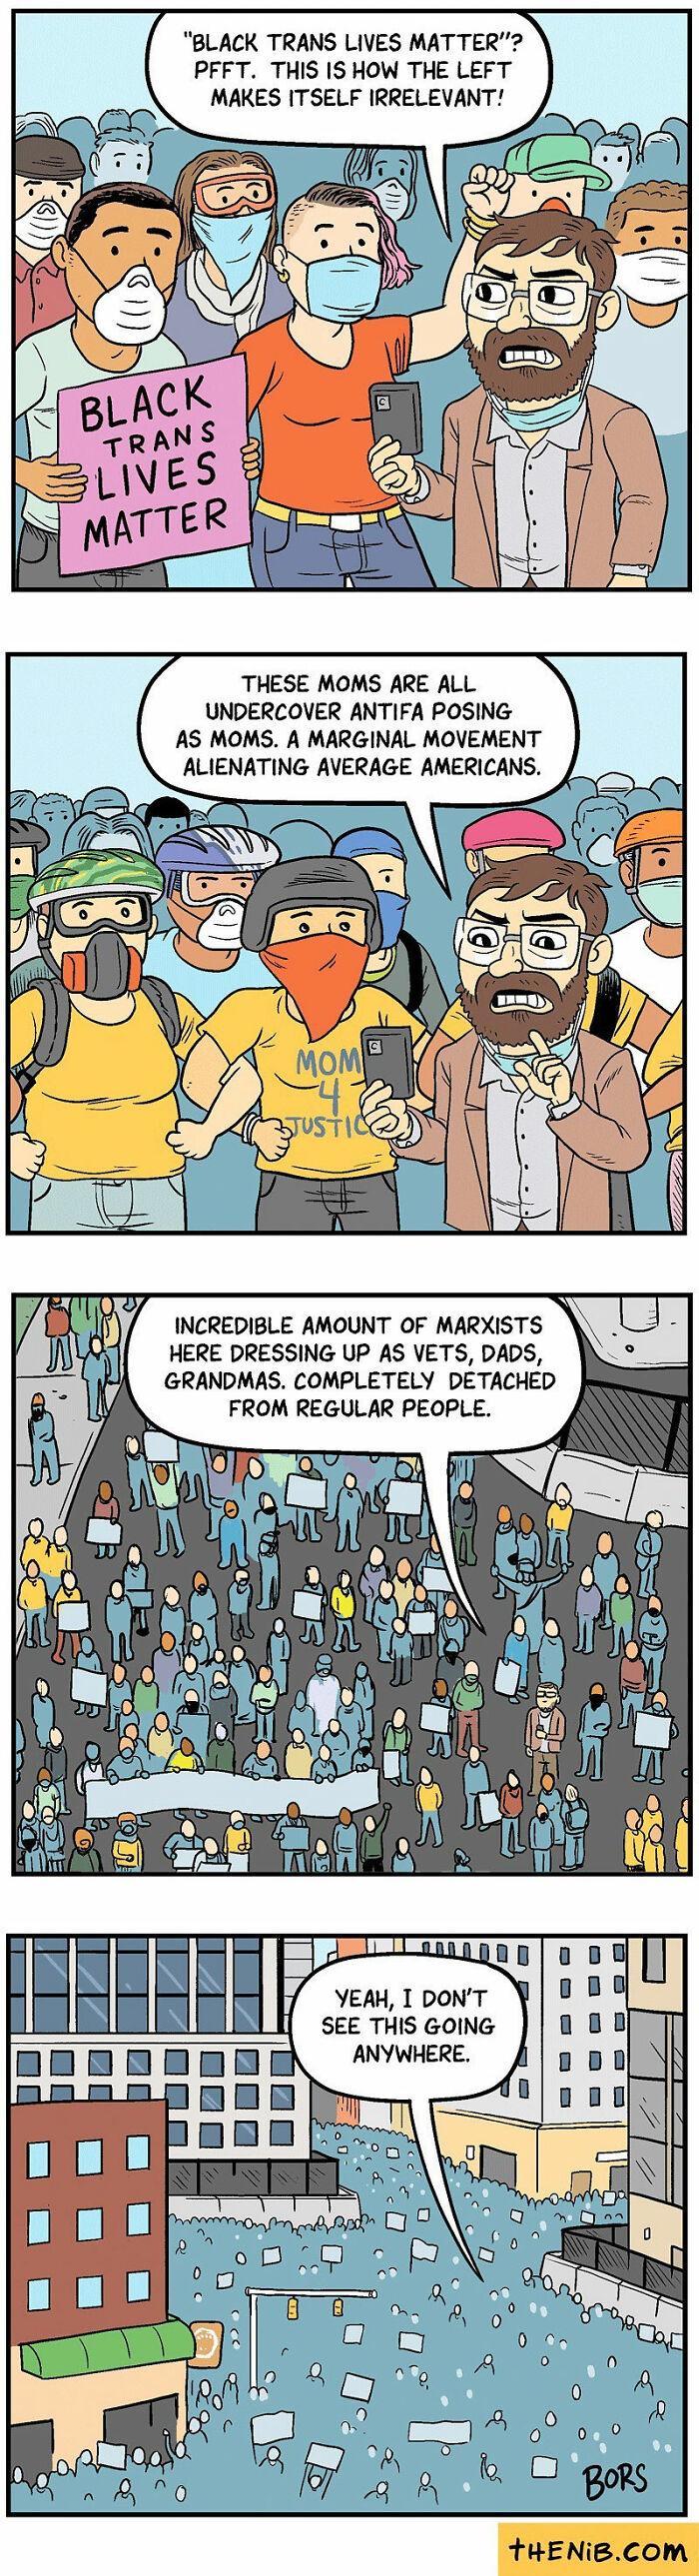 Comics-Matt-Bors